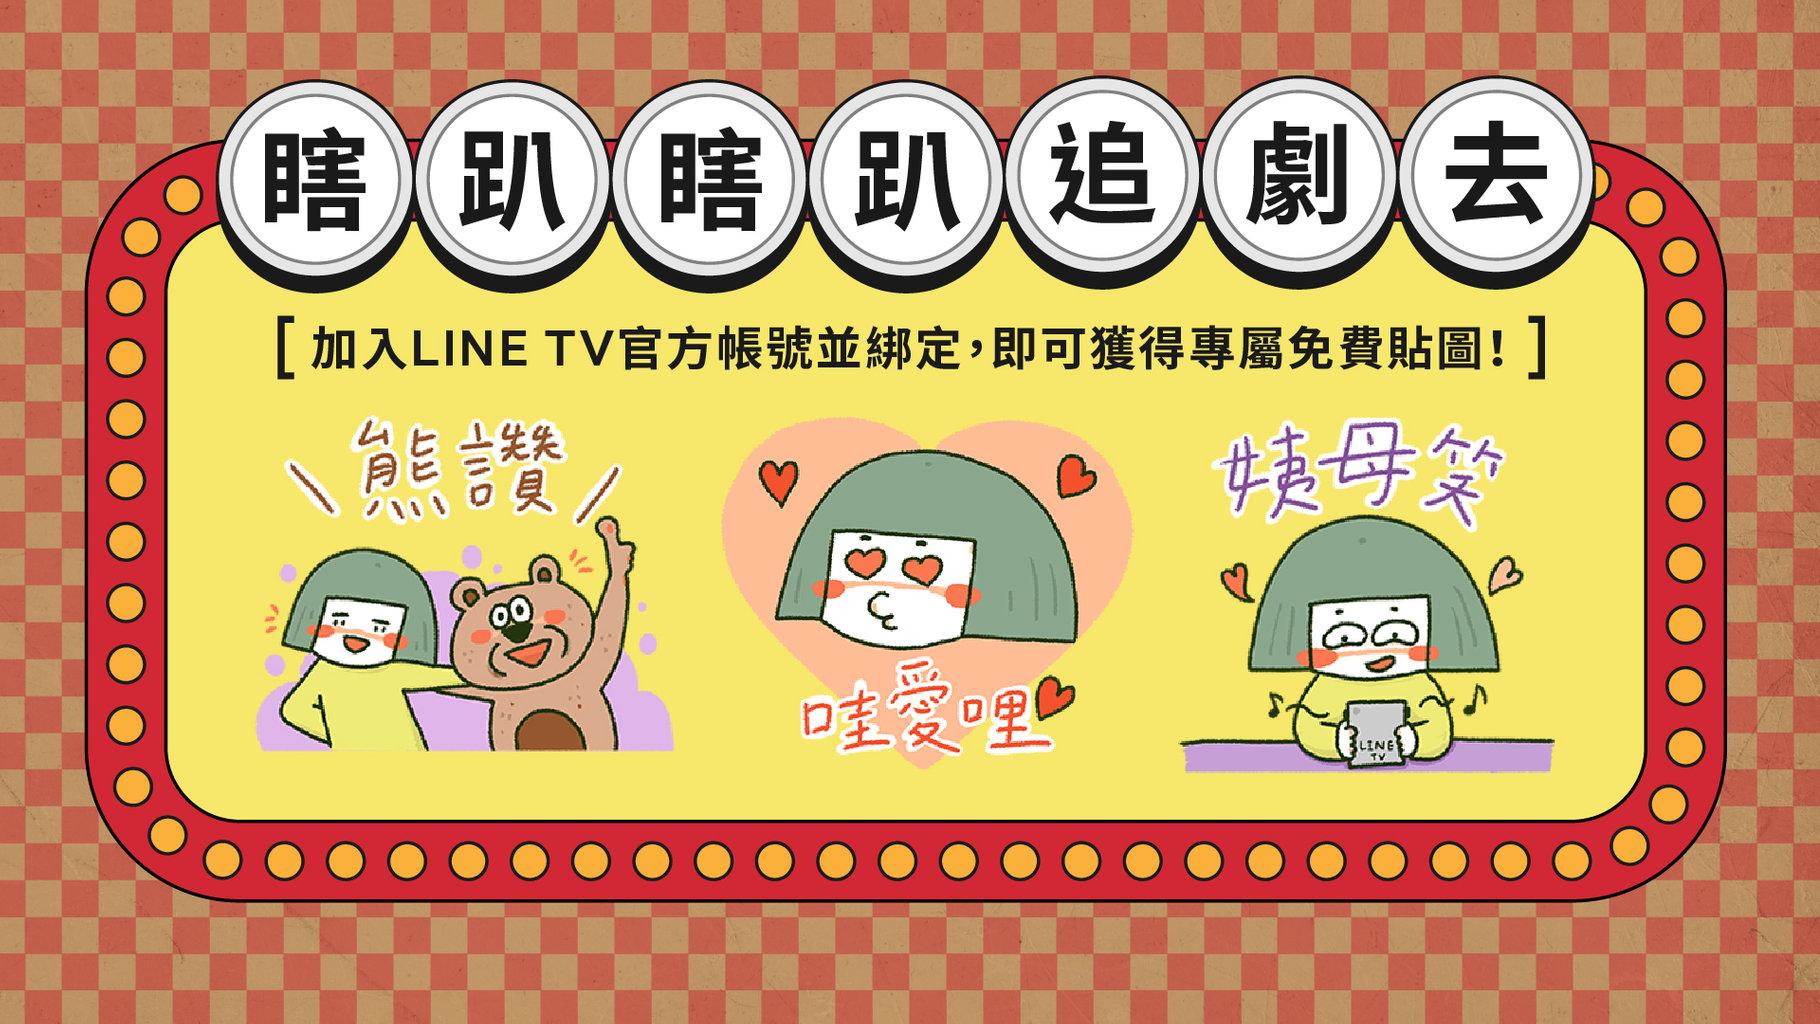 【免費貼圖】防疫非常時期😷 LINE TV送你免費貼圖!宅家追劇也要✨瞎趴瞎趴✨